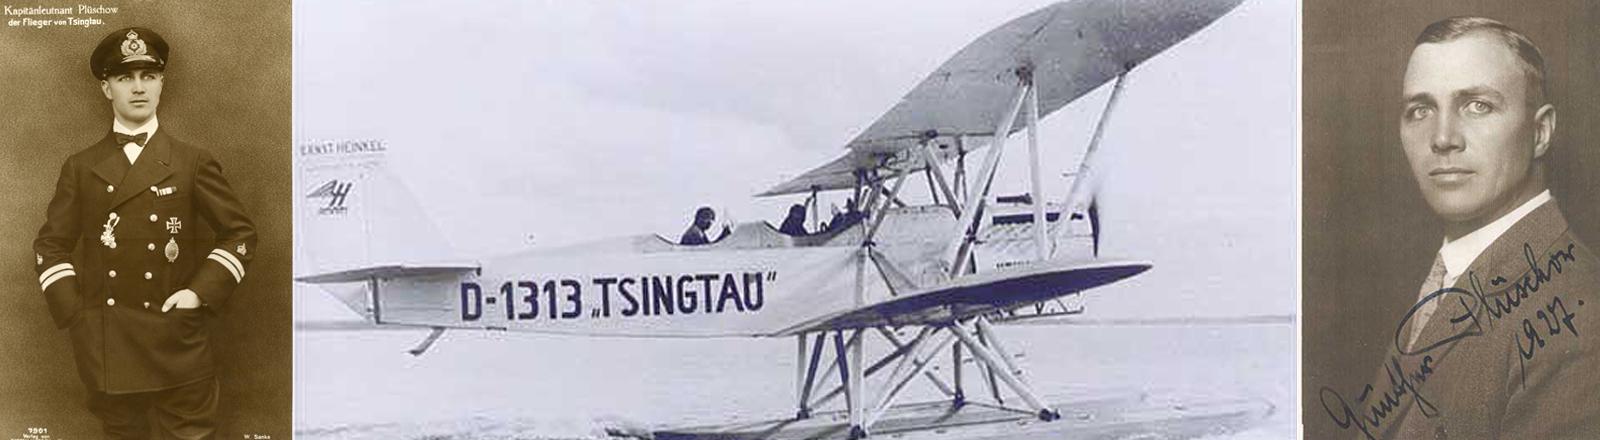 Aufnahmen von Gunther Plüschow und seinem Flieger